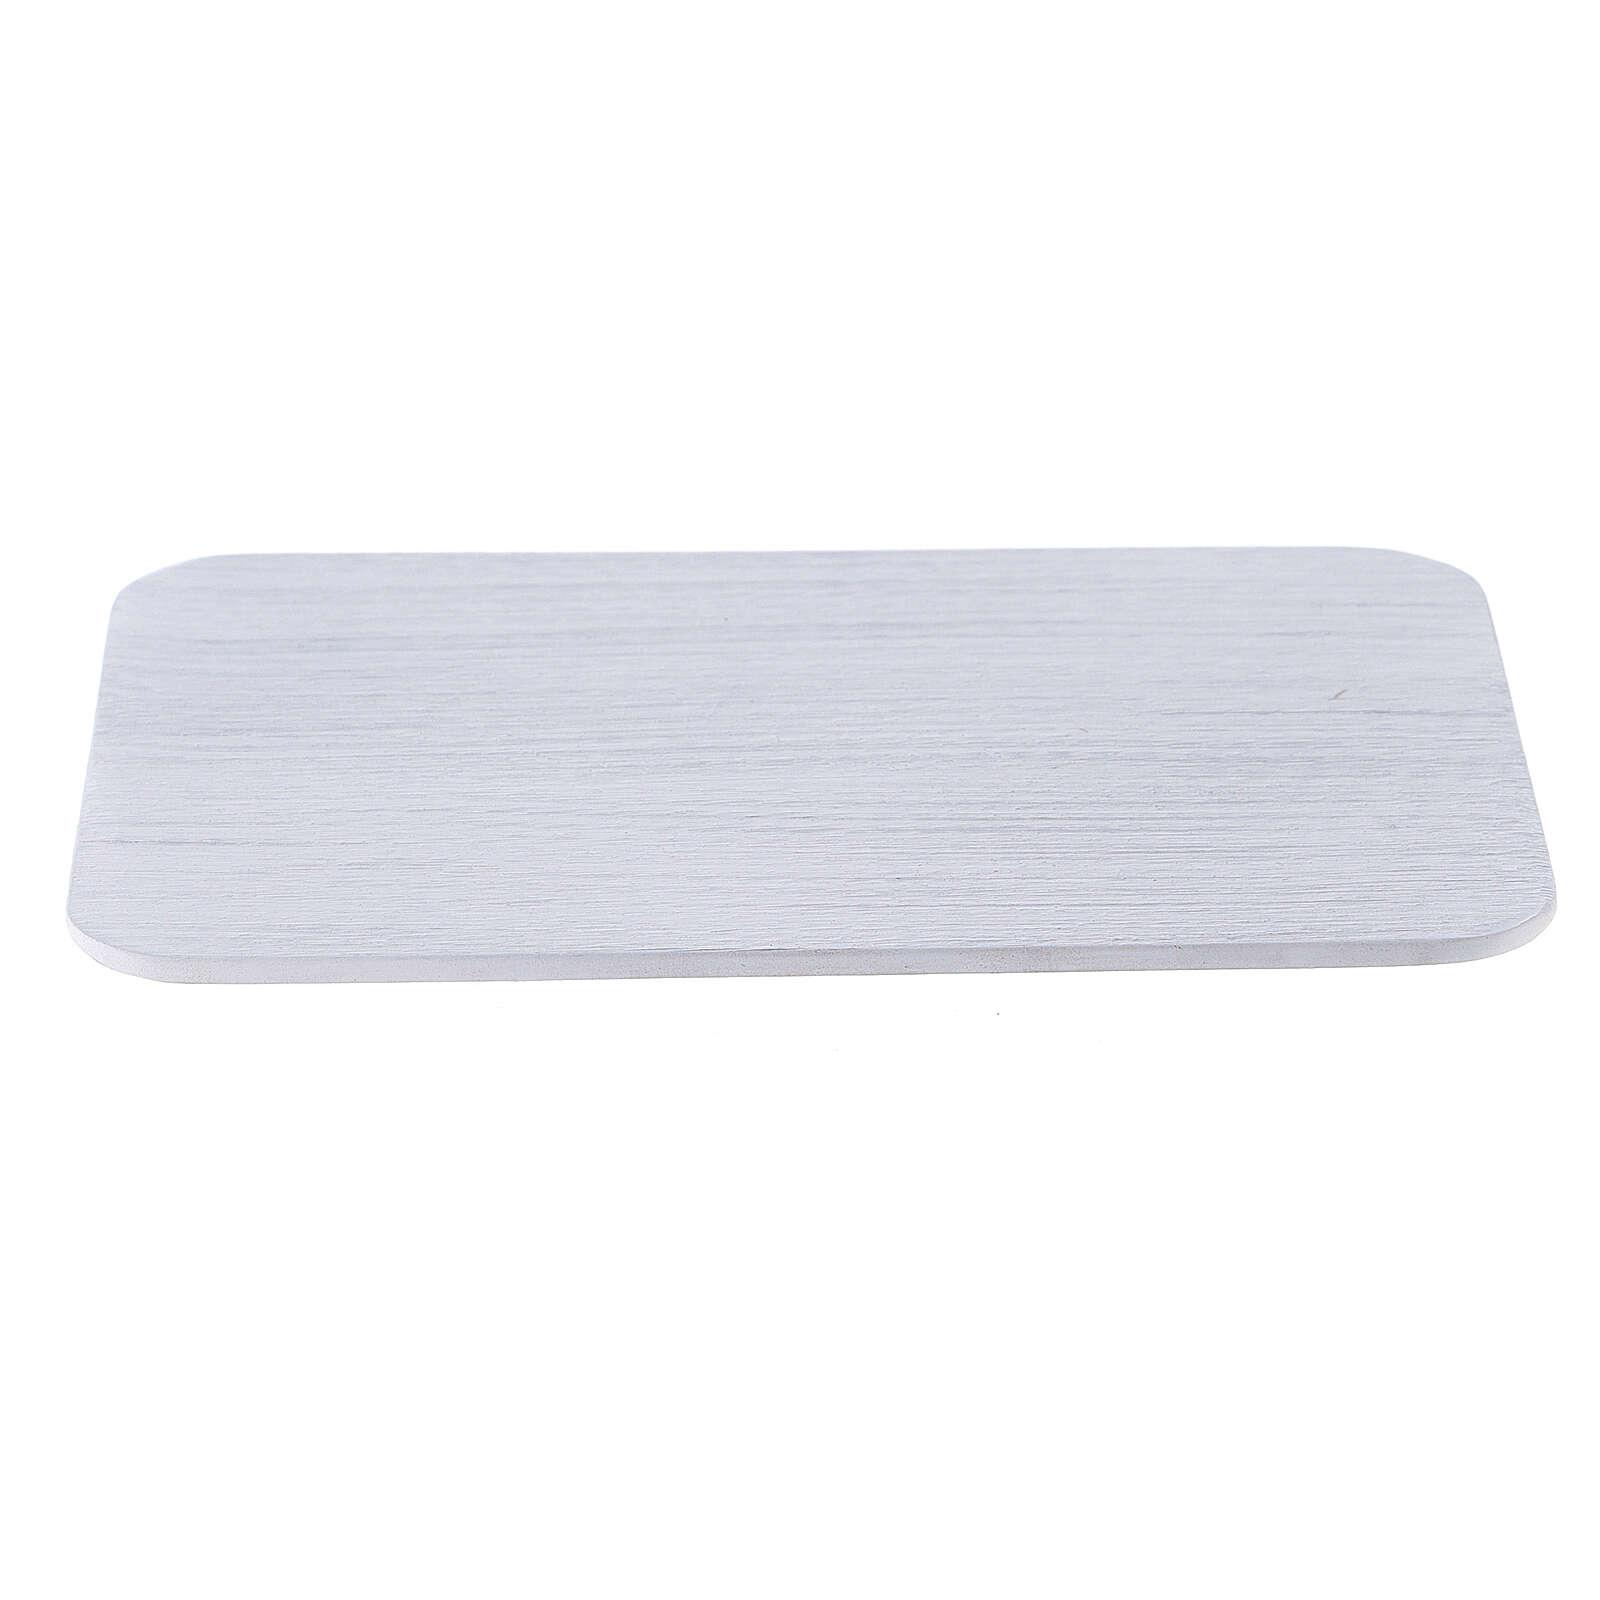 Assiette rectangulaire à bougie aluminium brossé 13,5x10 cm 3